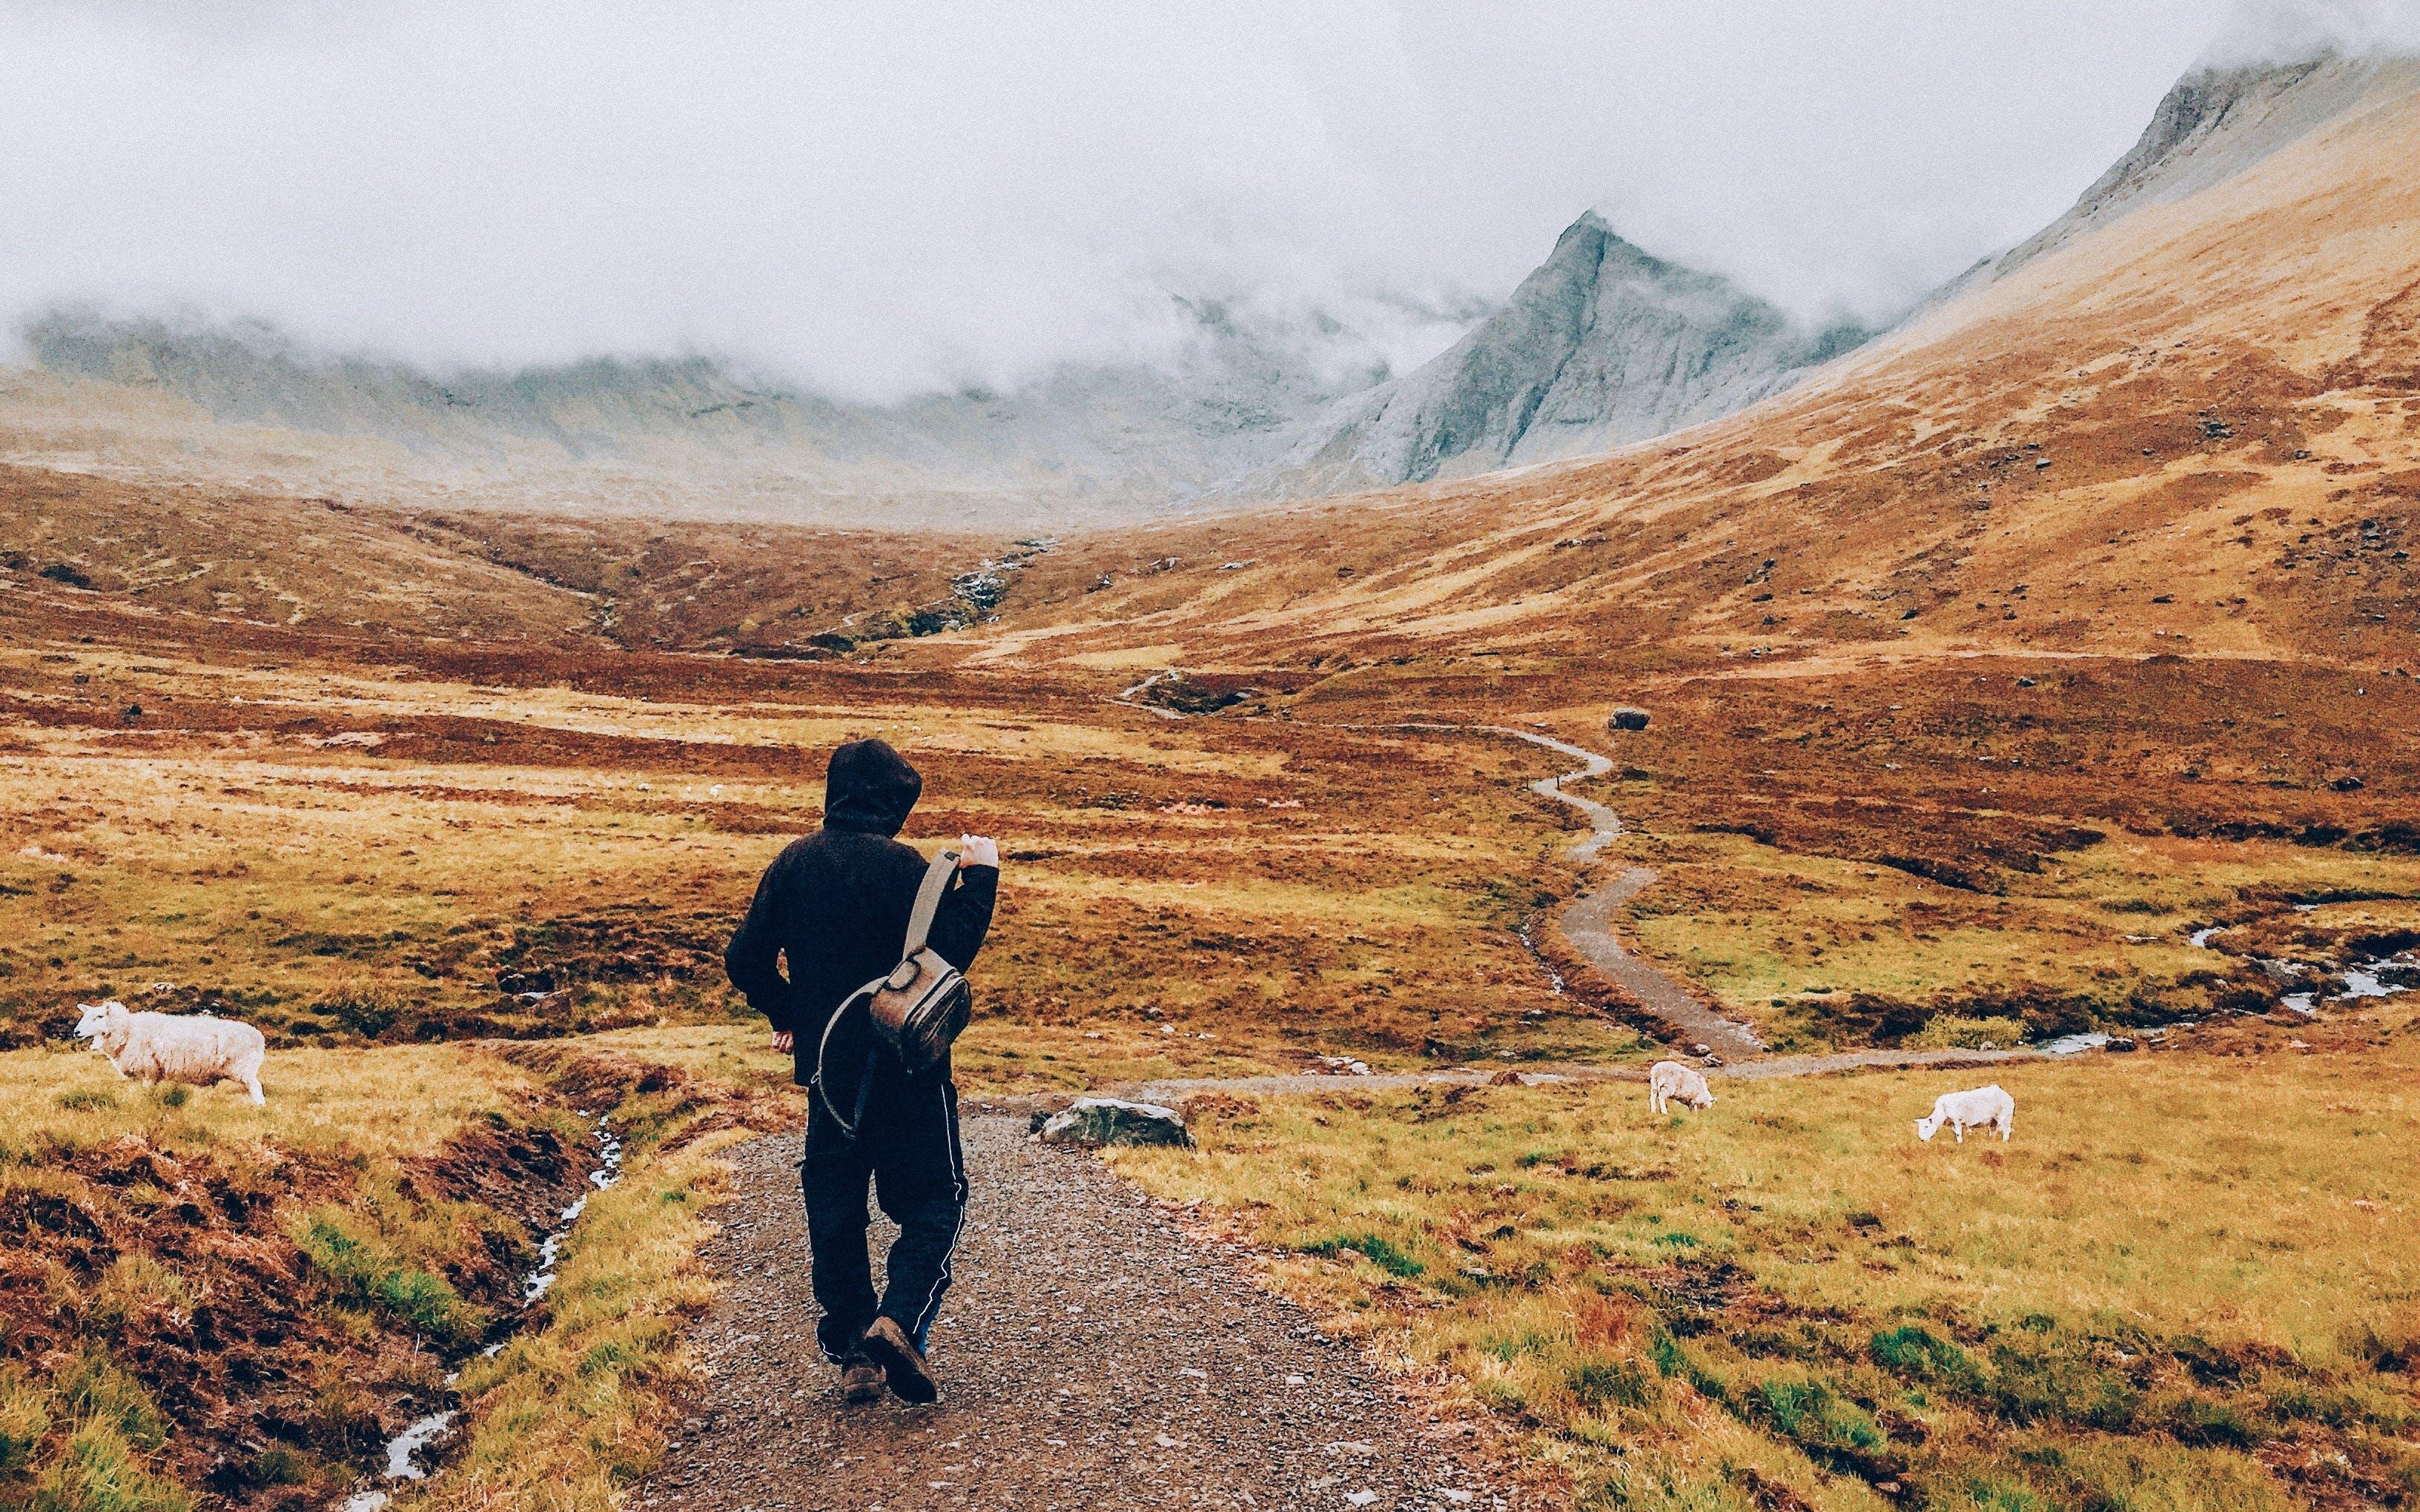 Man In Black Hoodie Walking On Path